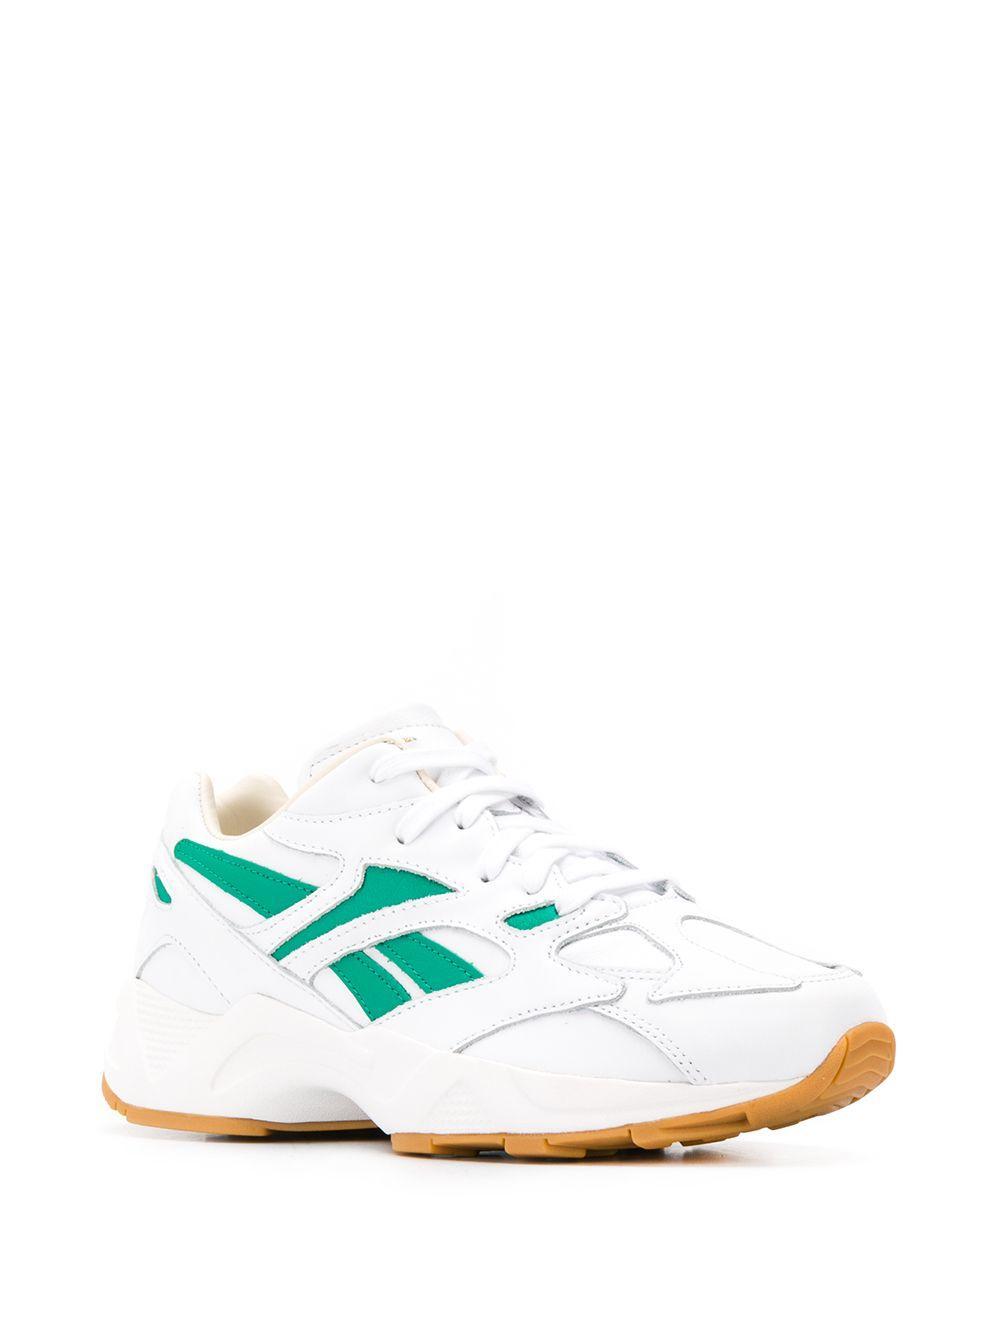 Reebok Leer Aztrek 96 Masterpiece Sneakers in het Wit voor heren